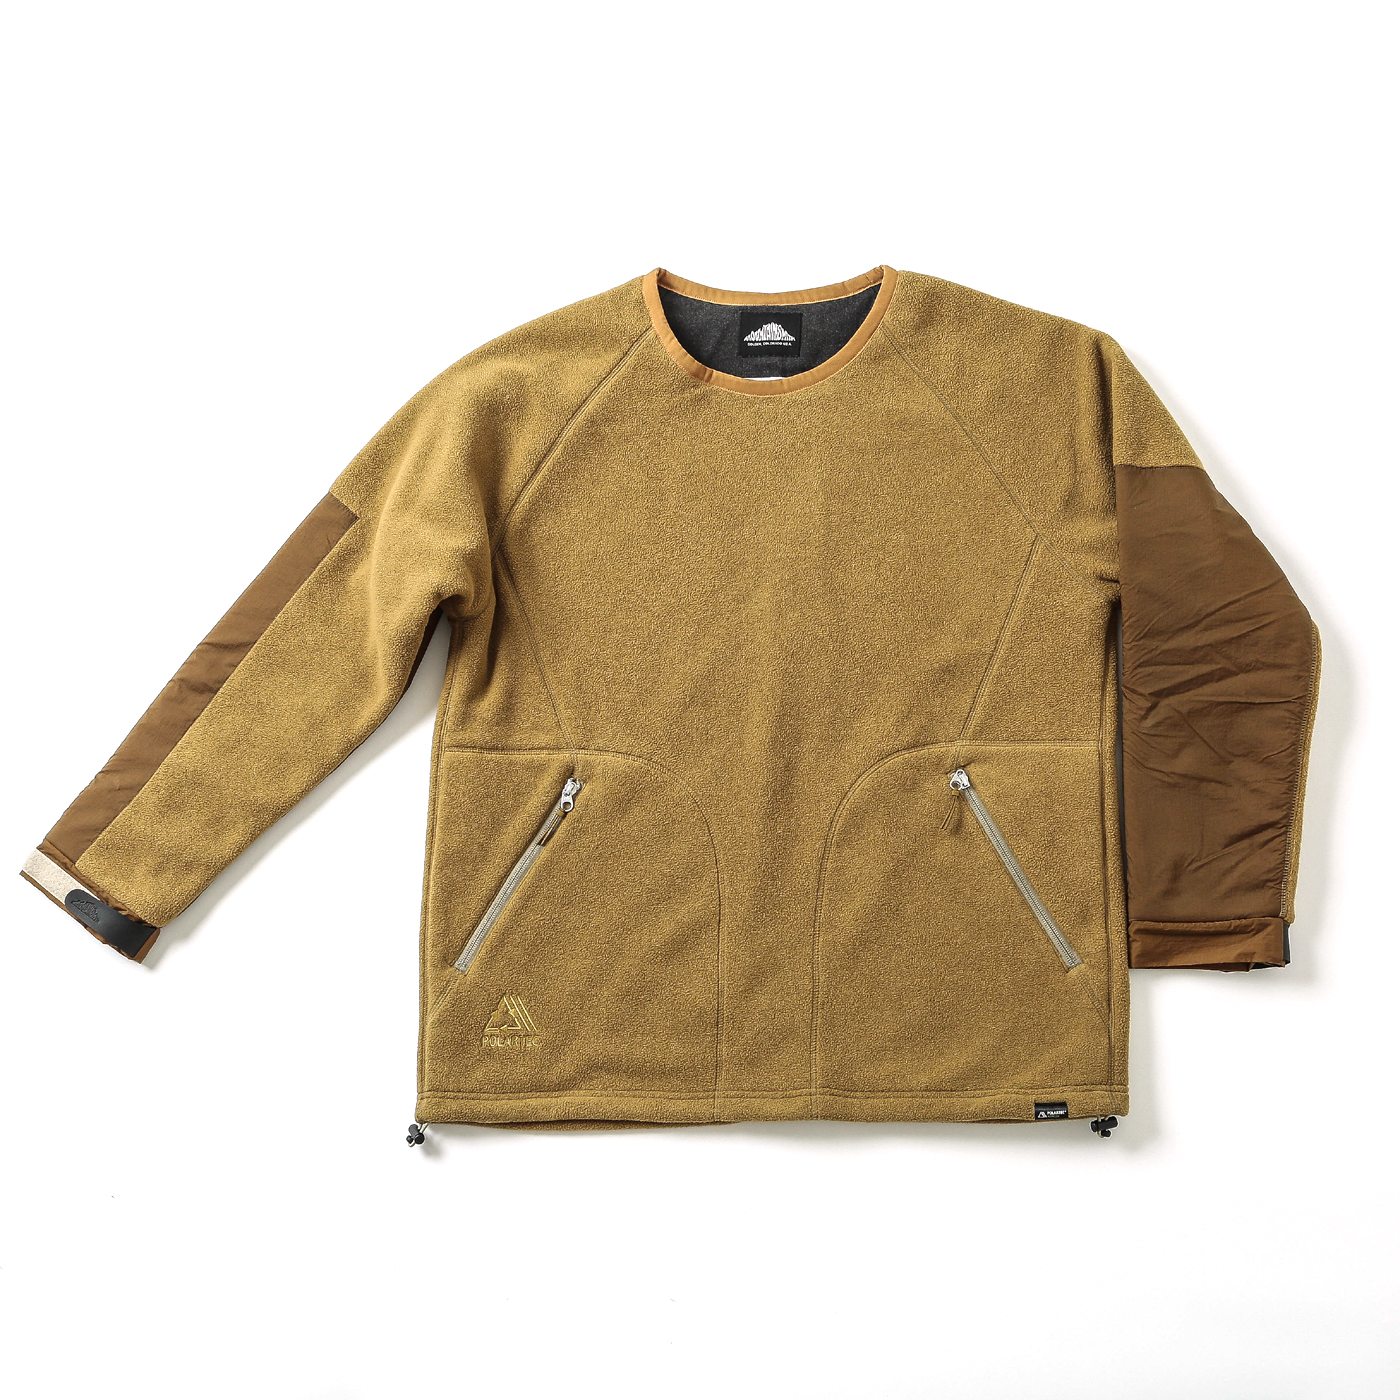 product: POLATEC CastleRock / color: BEIGE 1